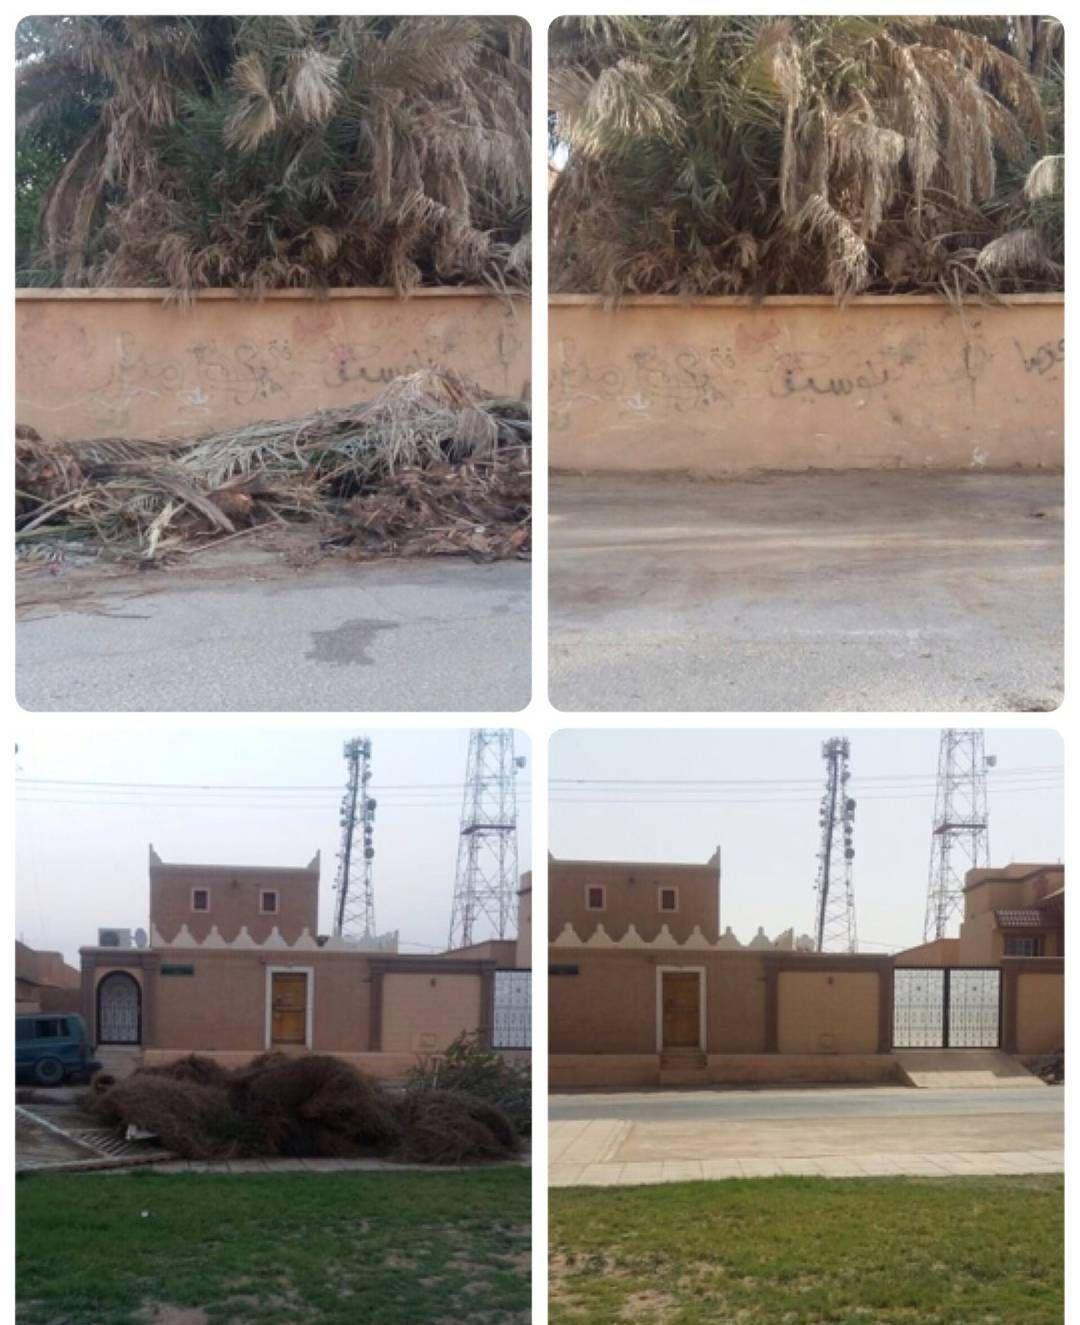 أعمال قسم النظافة اليومية ازالة المخلفات داخل احياء محافظة رفحاء New Homes Home Daily News